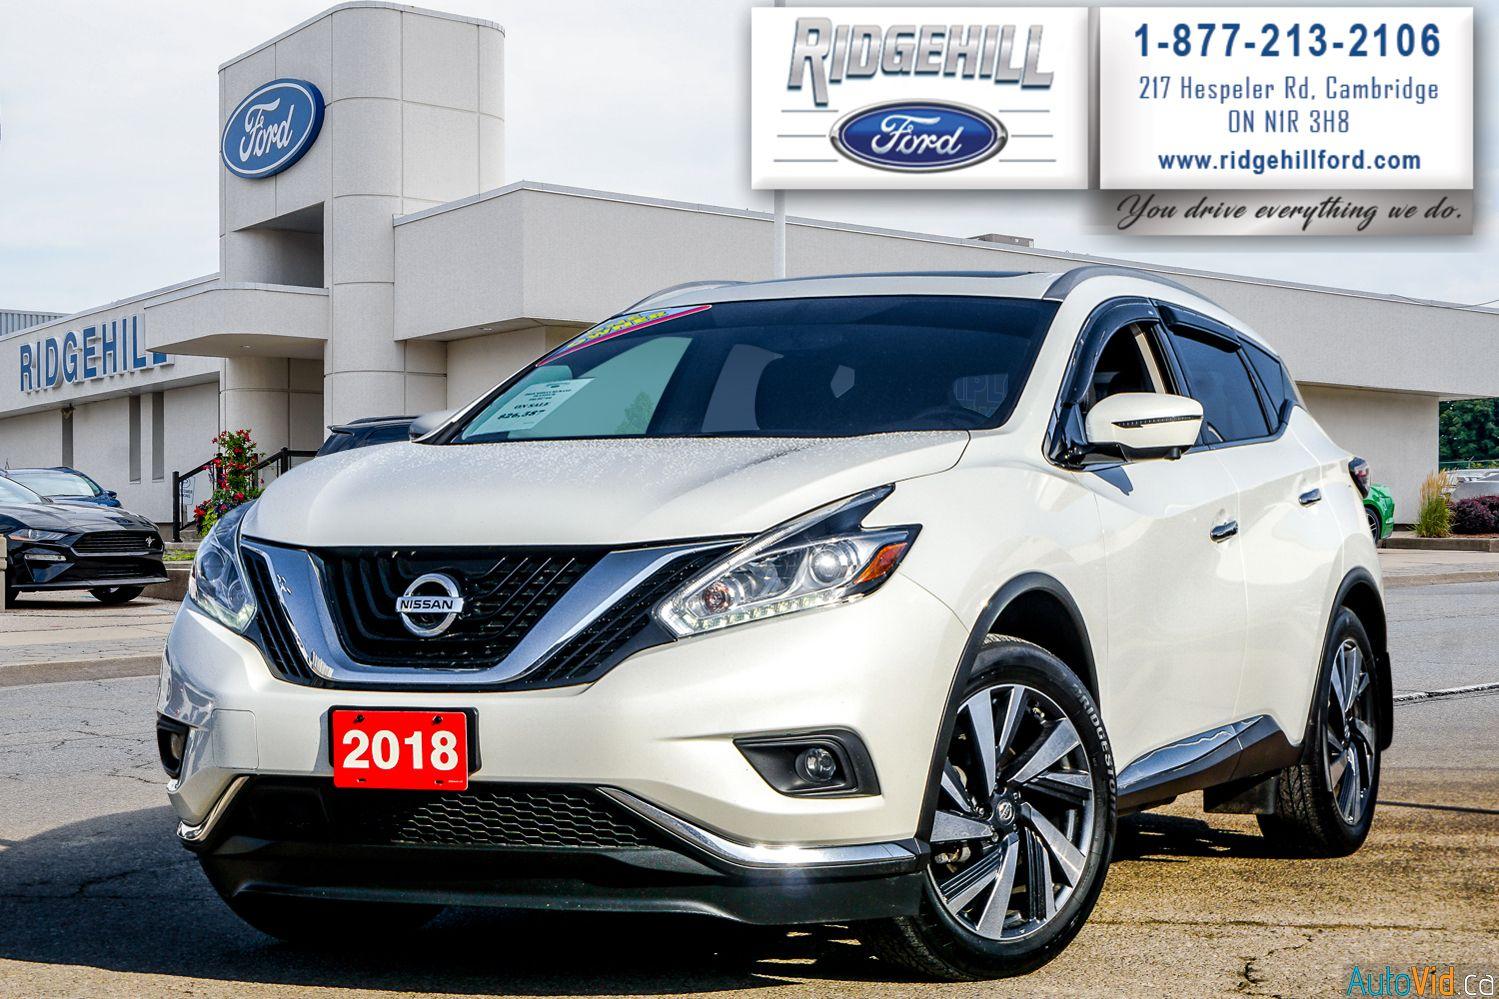 2018 Nissan Murano Image